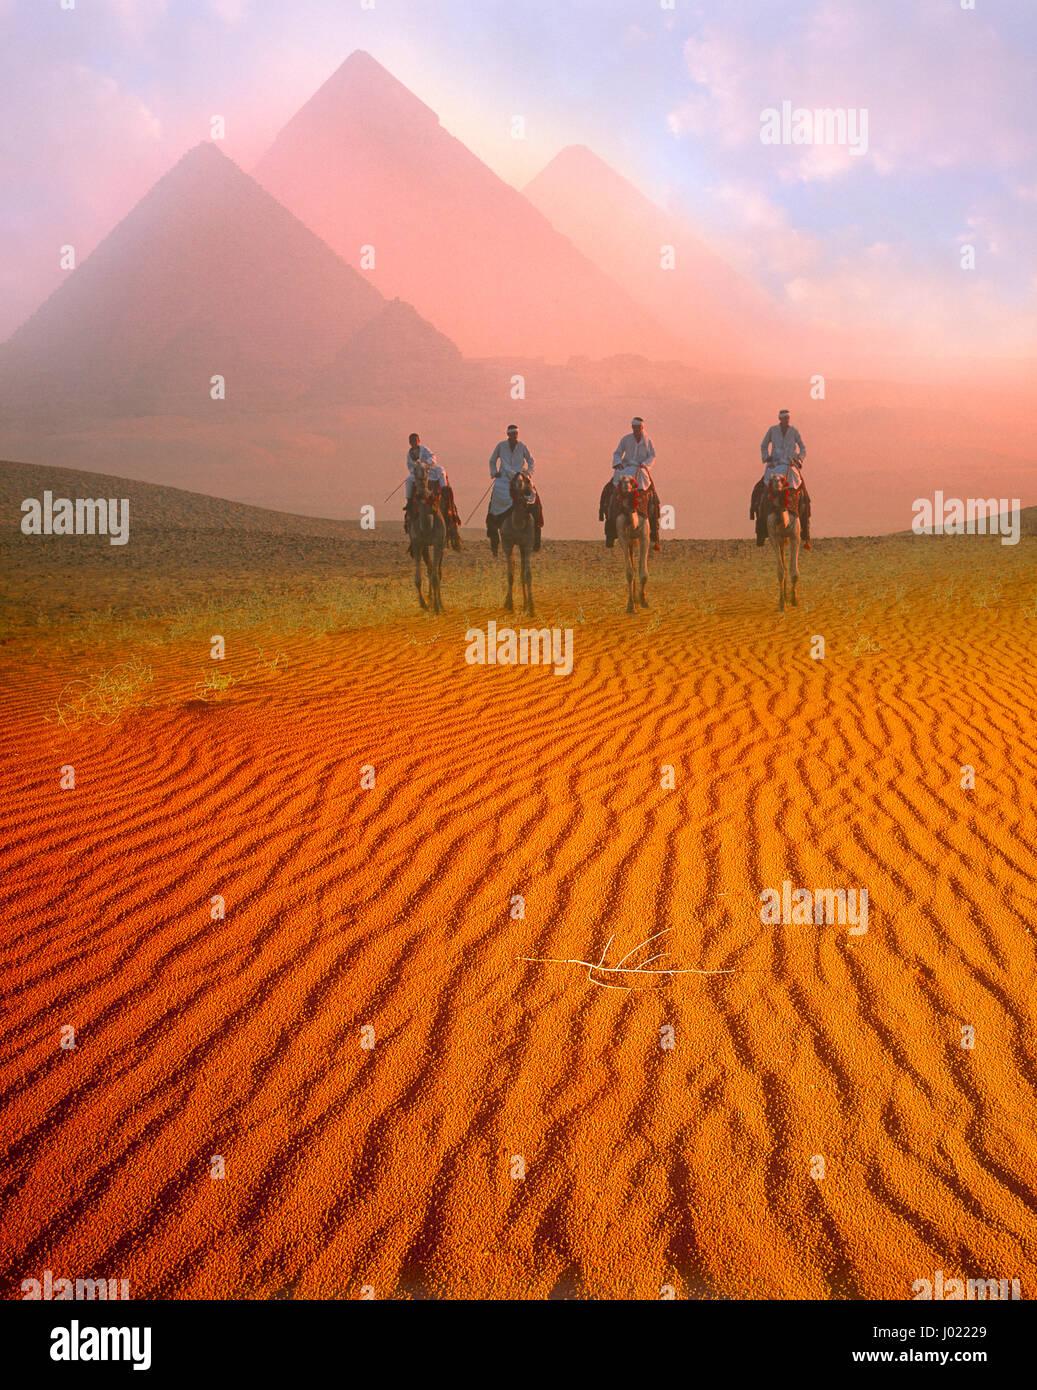 Pirámides y camelriders al amanecer, en Giza, Cairo, Egipto Imagen De Stock